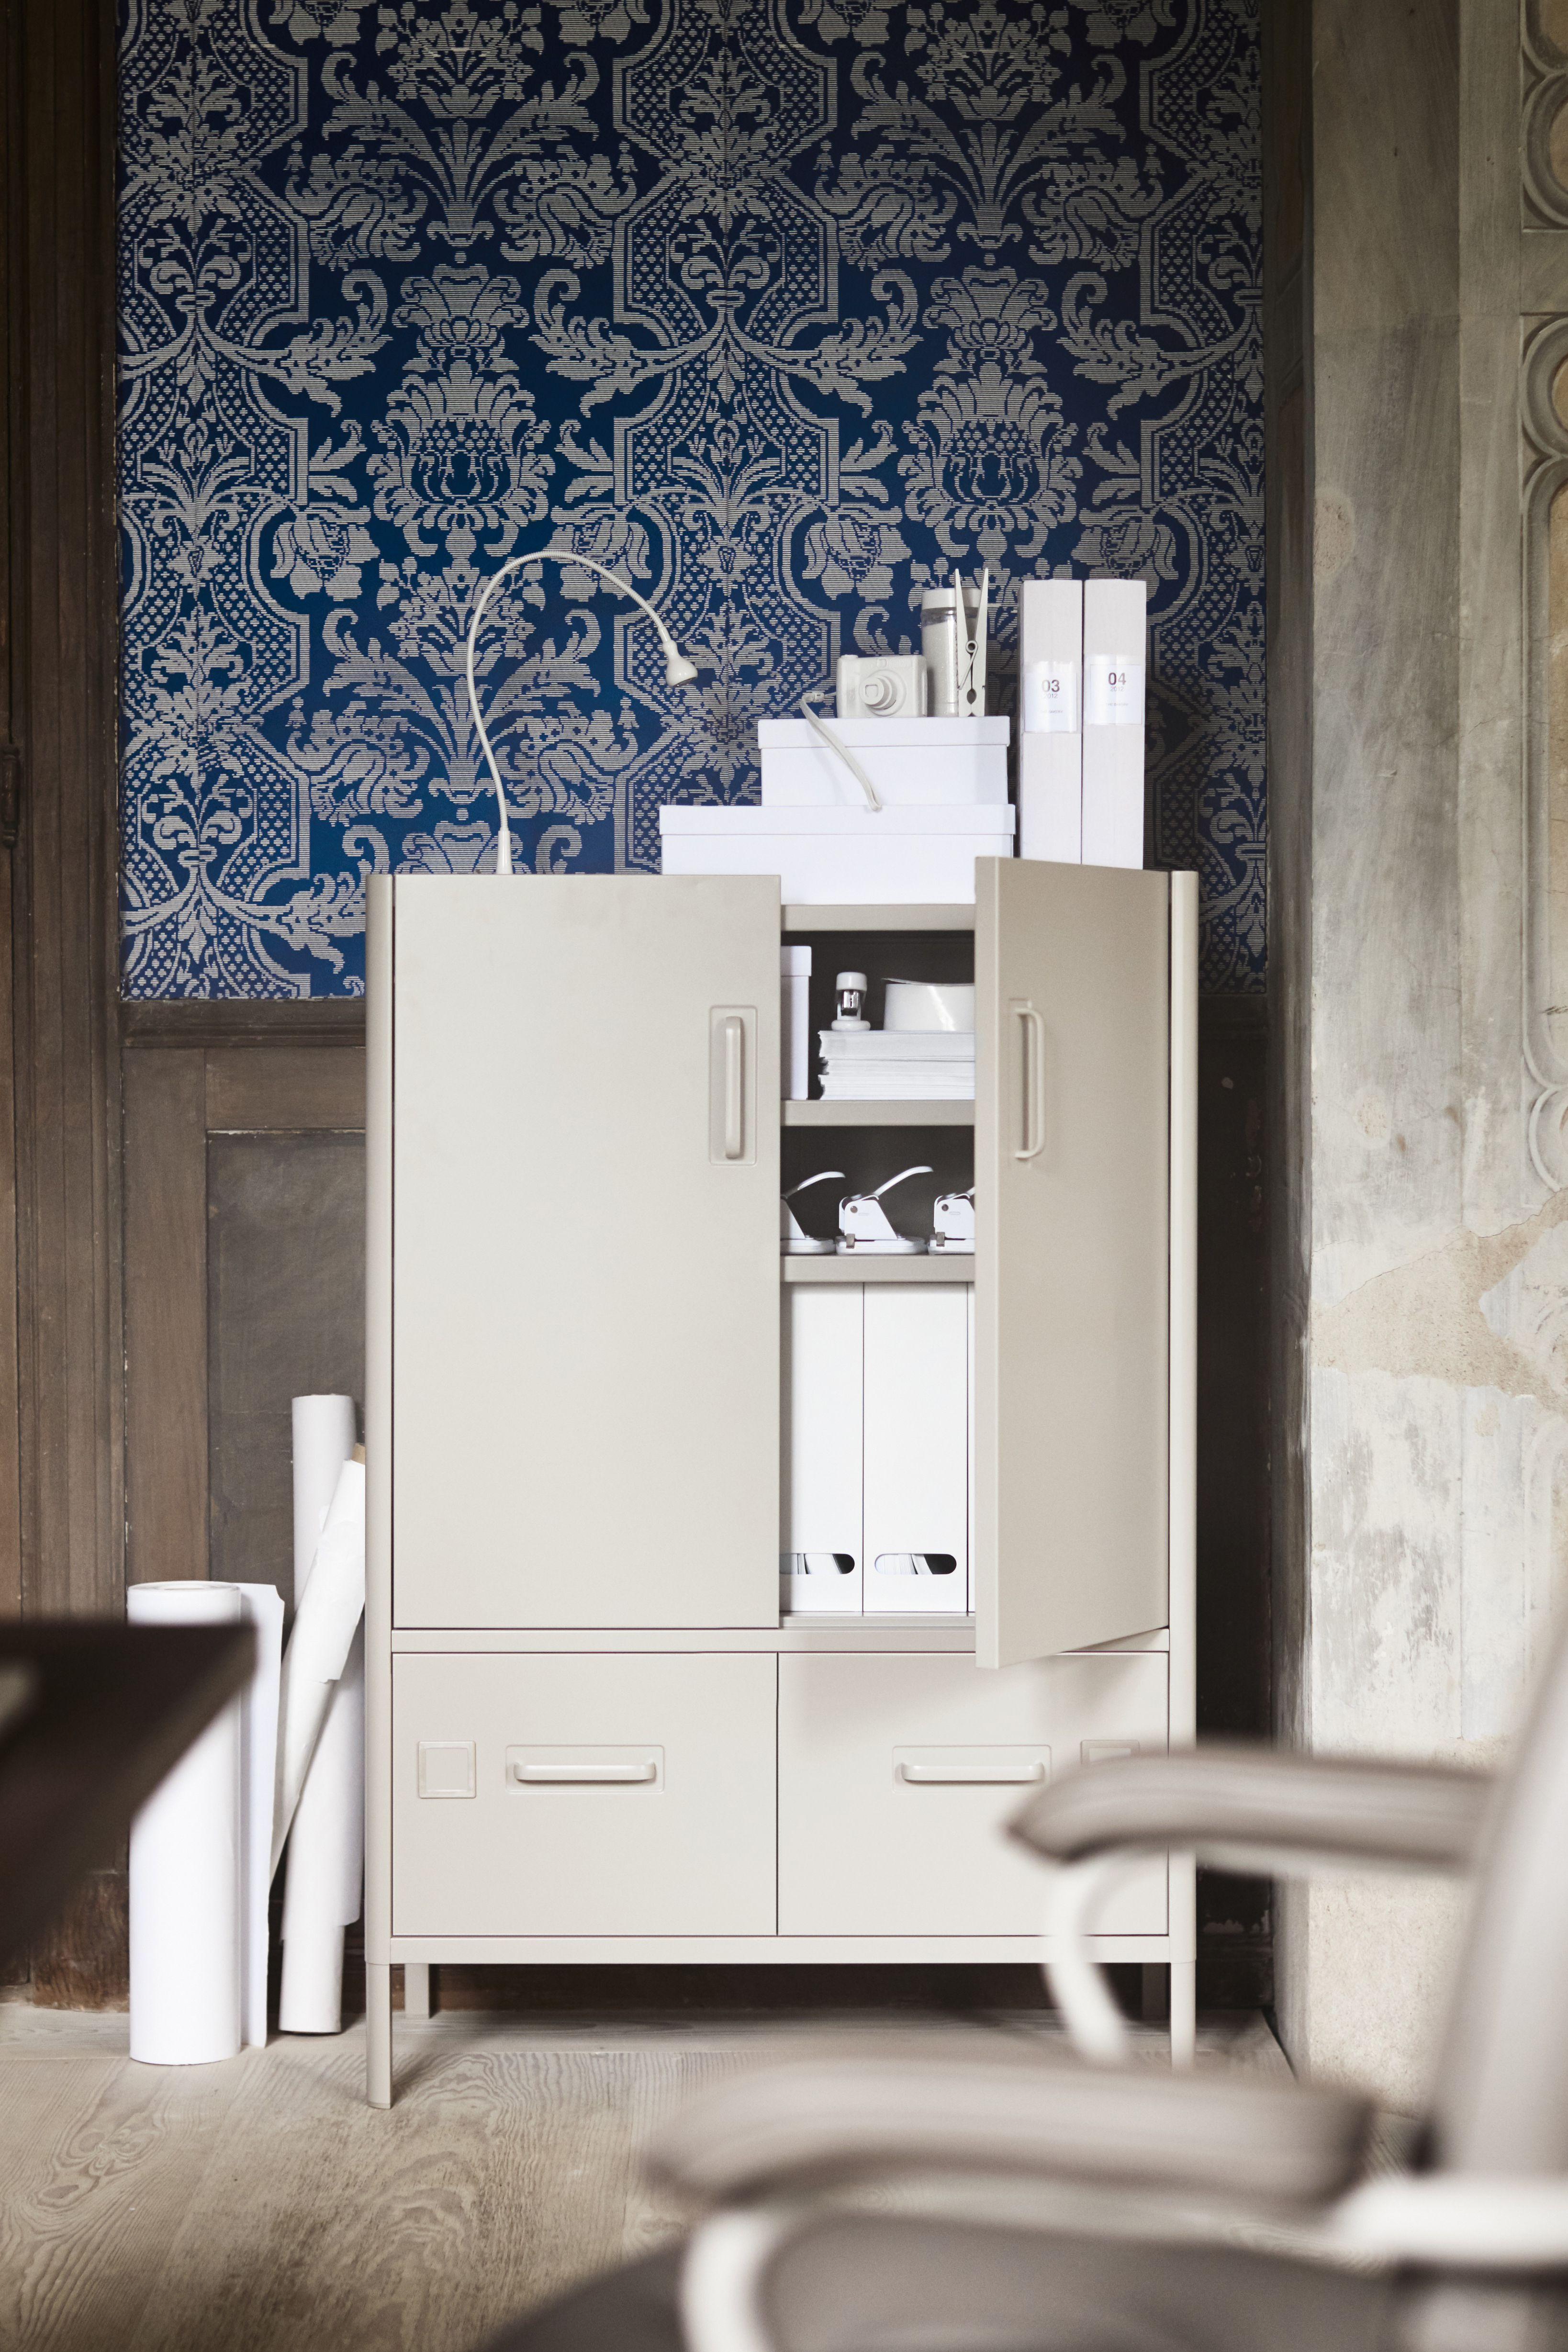 Ikea Deutschland Hier Kommt Idasen Die Neue Serie Moderner Buromobel Die Dich Bei Der Arbeit Zu Hause Oder Im Buro Unterstutzt Schrankturen Ikea Schubladen